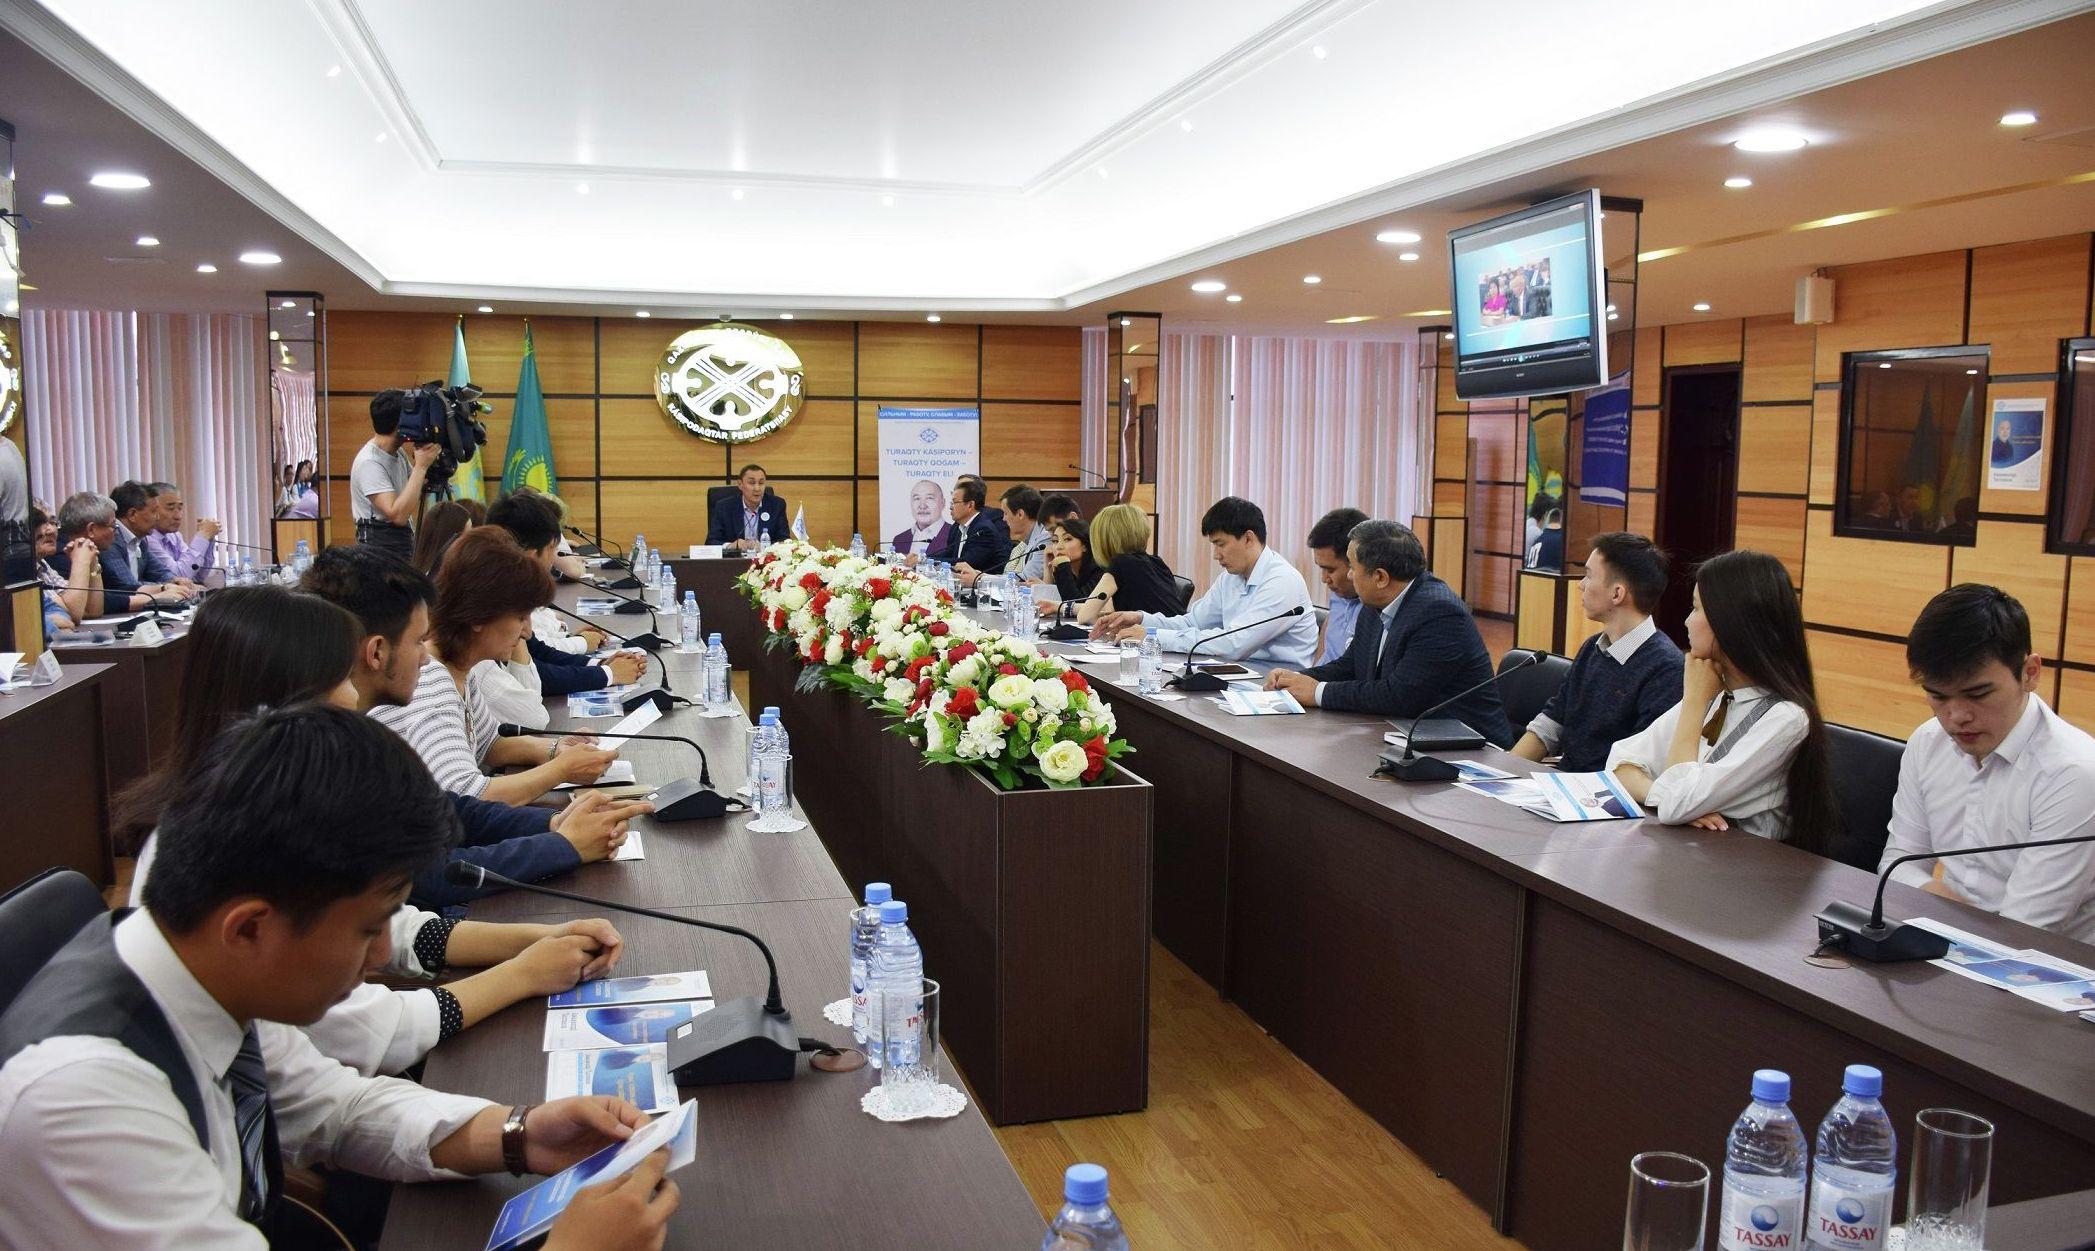 Открытие республиканского общественного штаба кандидата в президенты Амангельди Таспихова